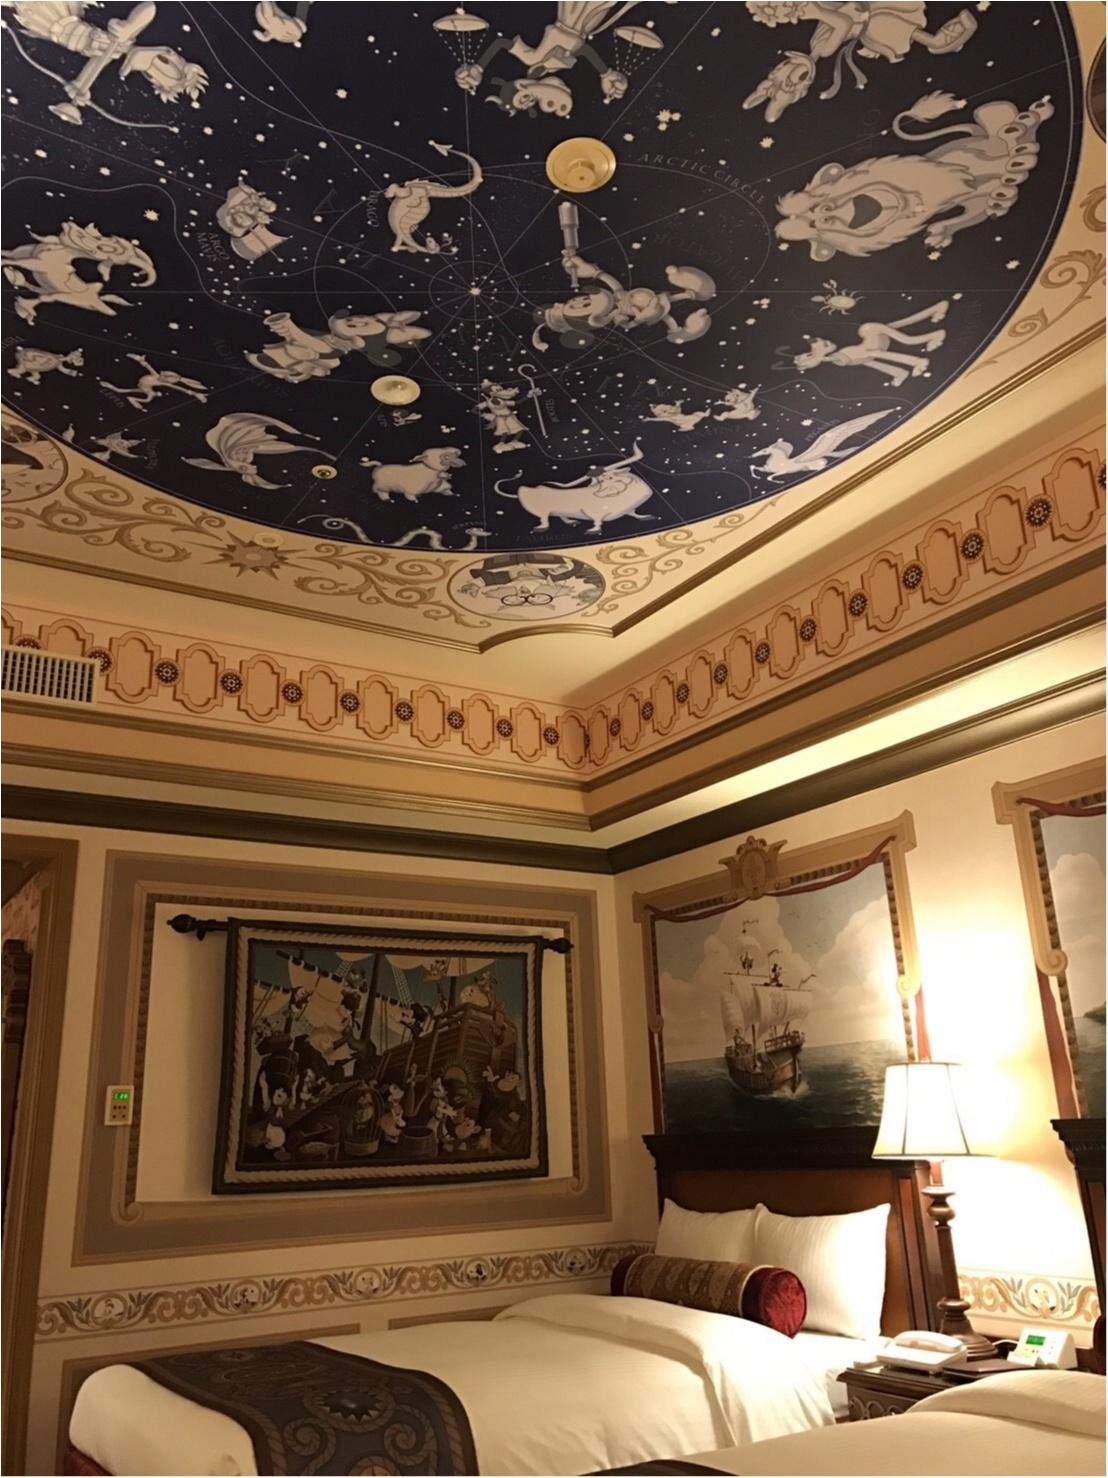 【夢のお泊まりディズニー♡】ホテルミラコスタの魅力をたっぷりご紹介します(*´꒳`*)_4